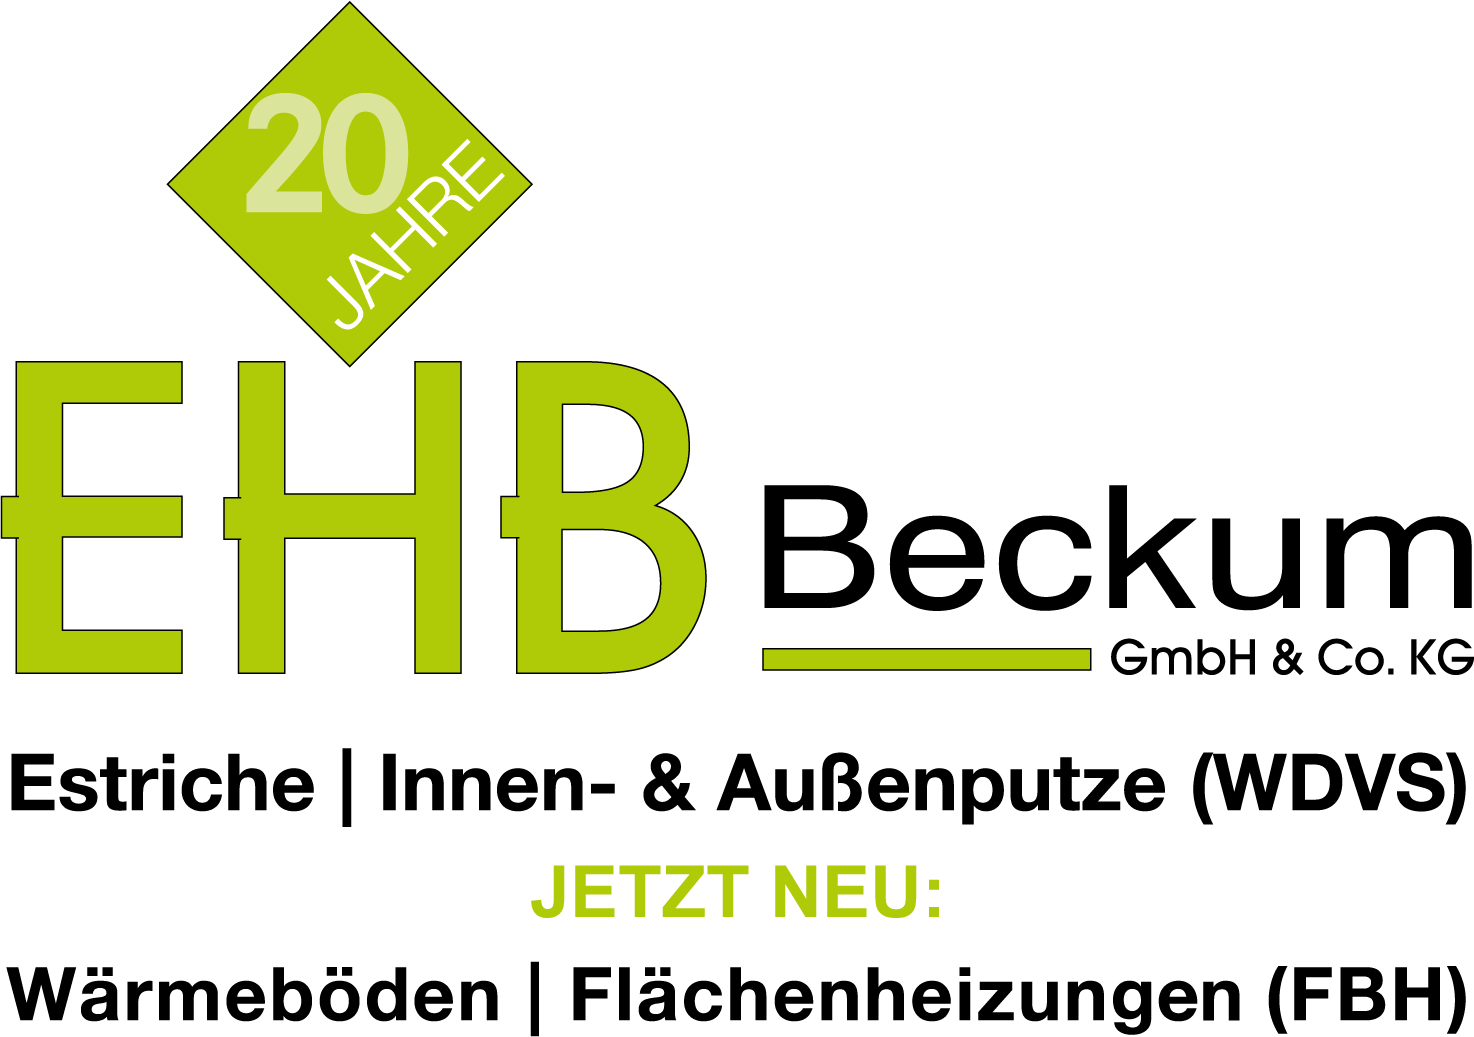 EHB Beckum GmbH & Co. KG | Estriche | Innenputz- & Aussenputze (WDVS) | Wärmedämmverbundsystem | Wärmeböden | Flächenheizungen in Form von Fussbodenheizungen